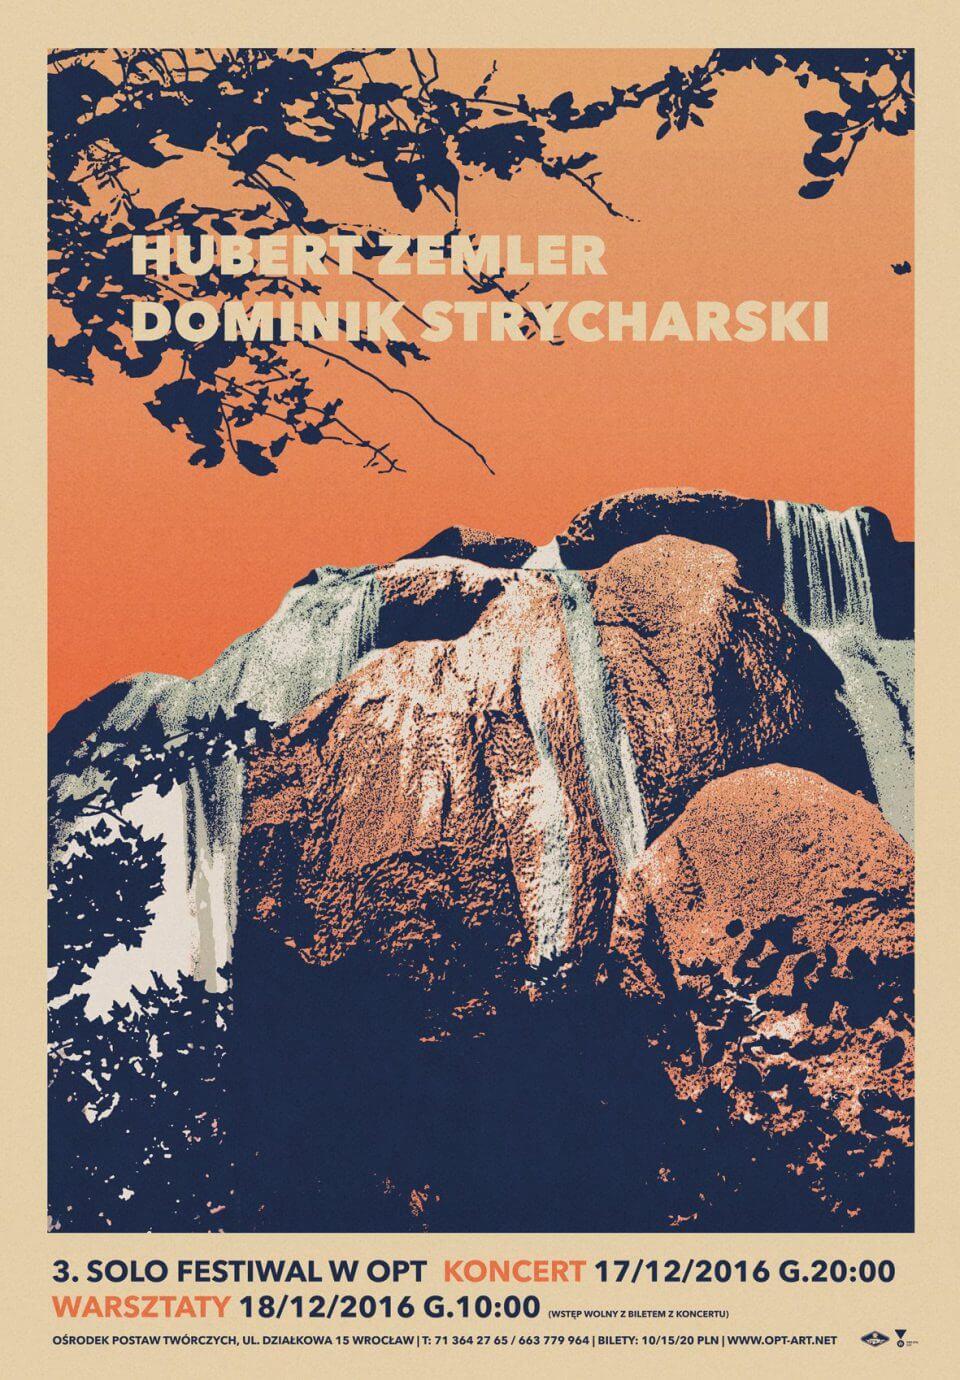 Hubert Zemler / Domnik Strycharski - 3. Solo Festiwal wOPT